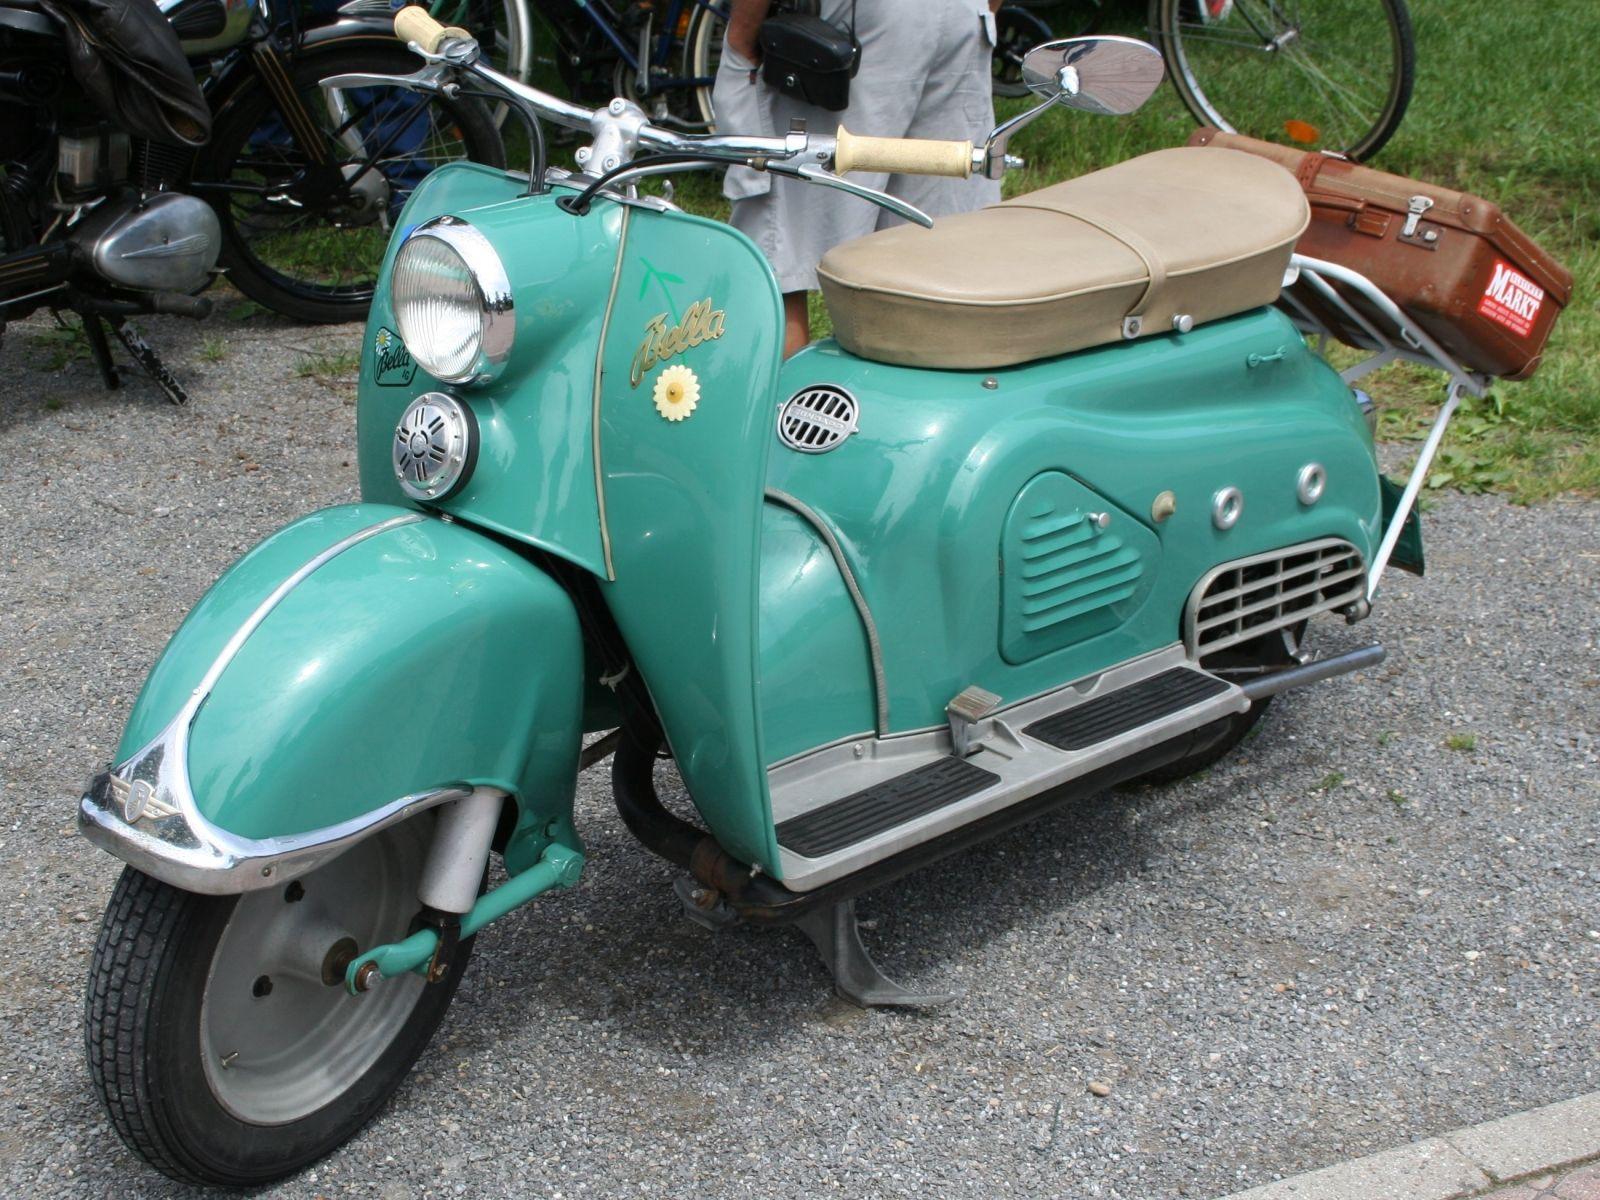 Zundapp Bella Motorroller Oldtimer Motorrad Moped